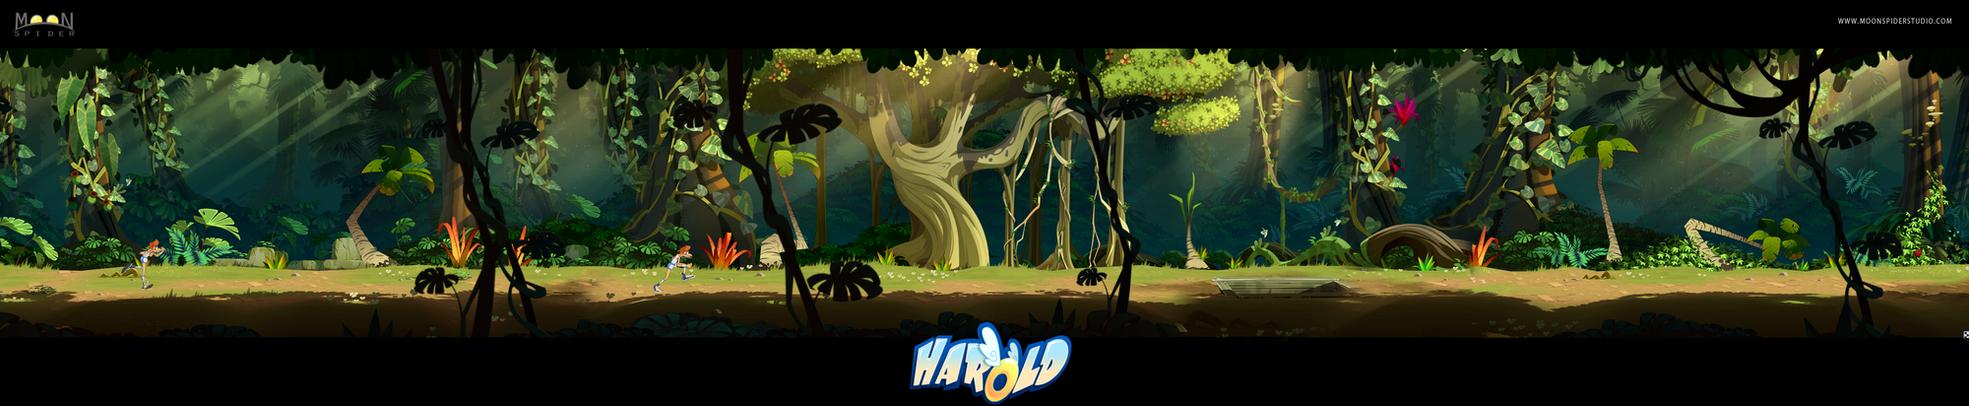 Jungle Design HD Pan by cyrilcorallo